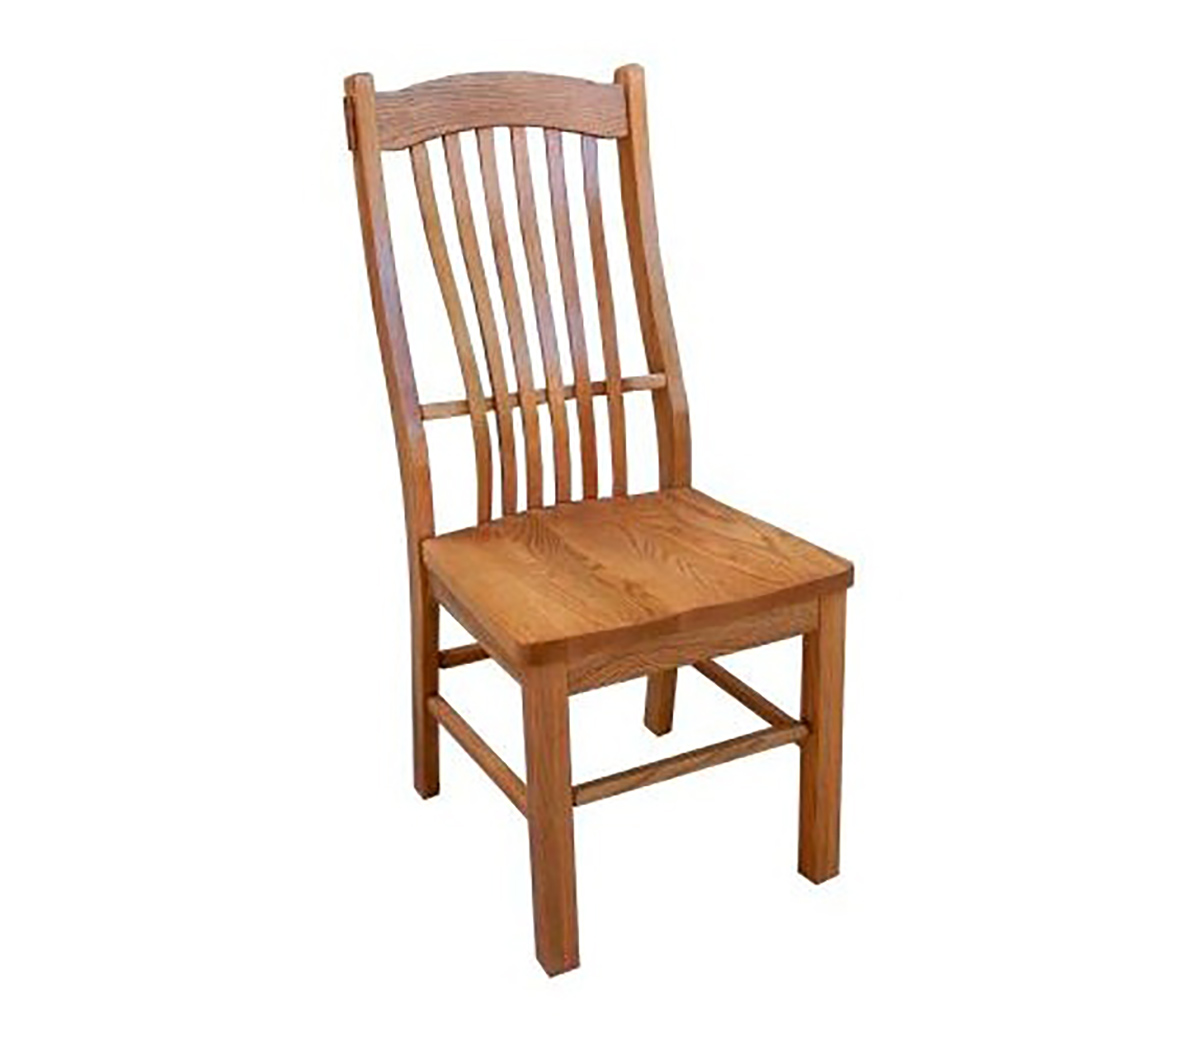 Chelsea Home Arrowwood Side Chair - Hervest Oak